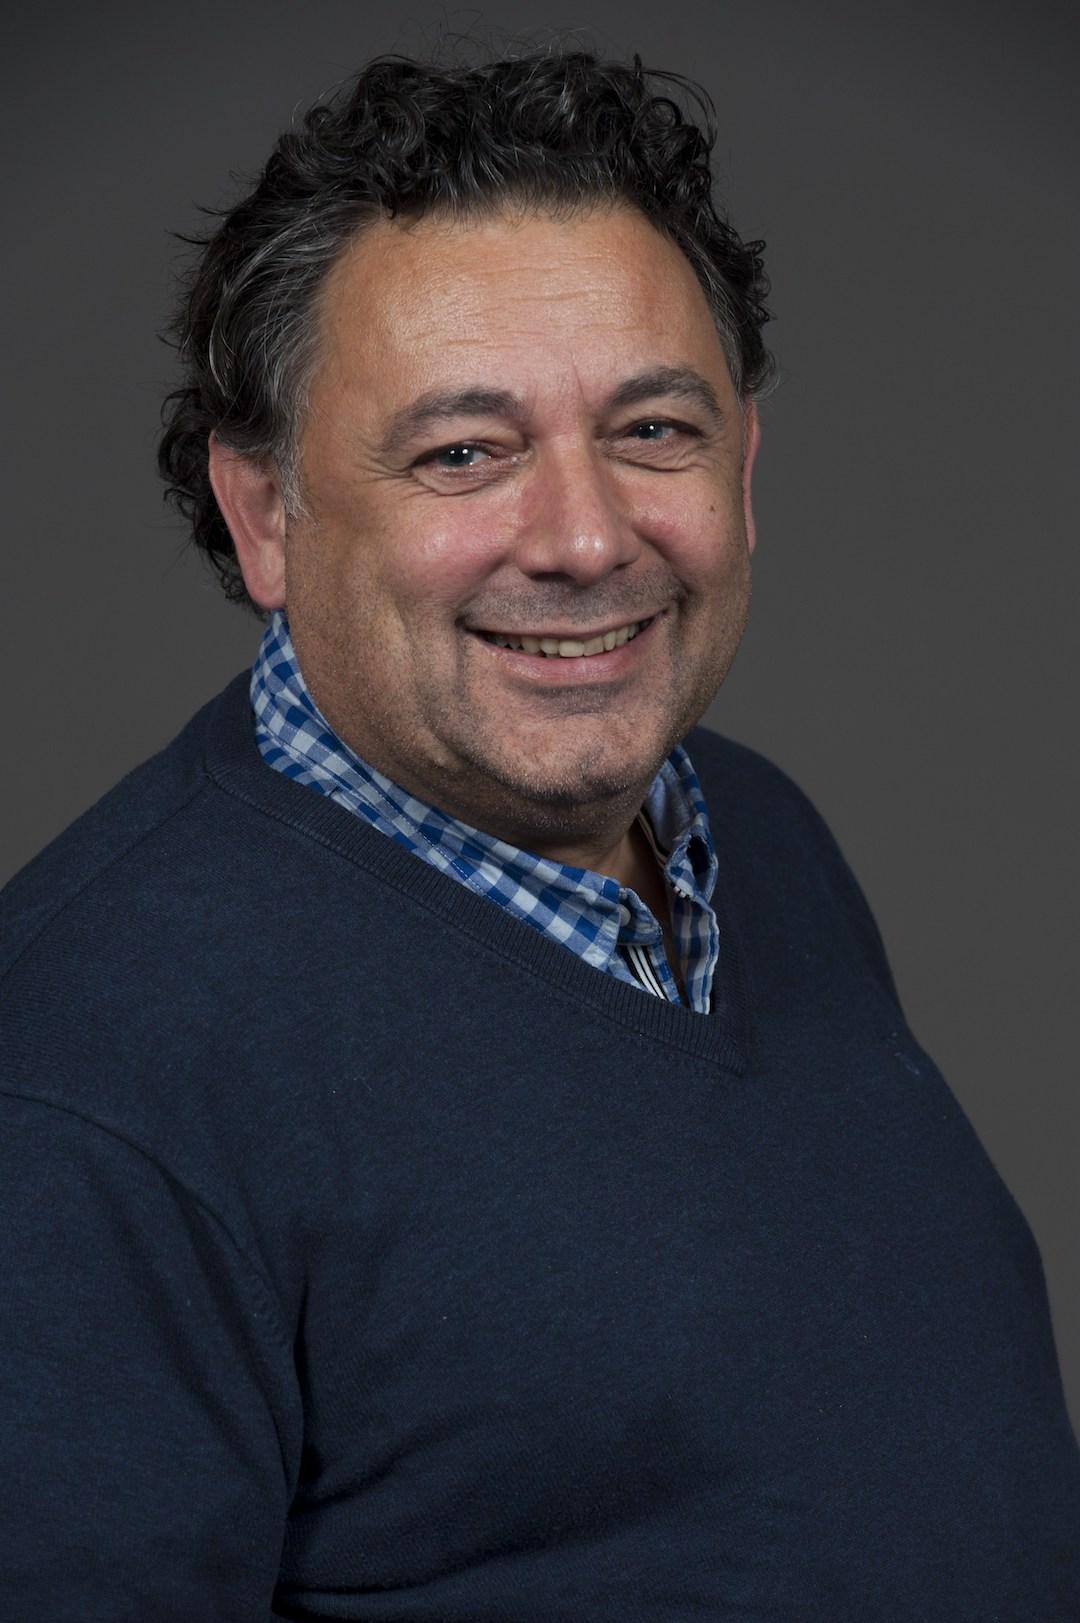 Alentejo Wijnen